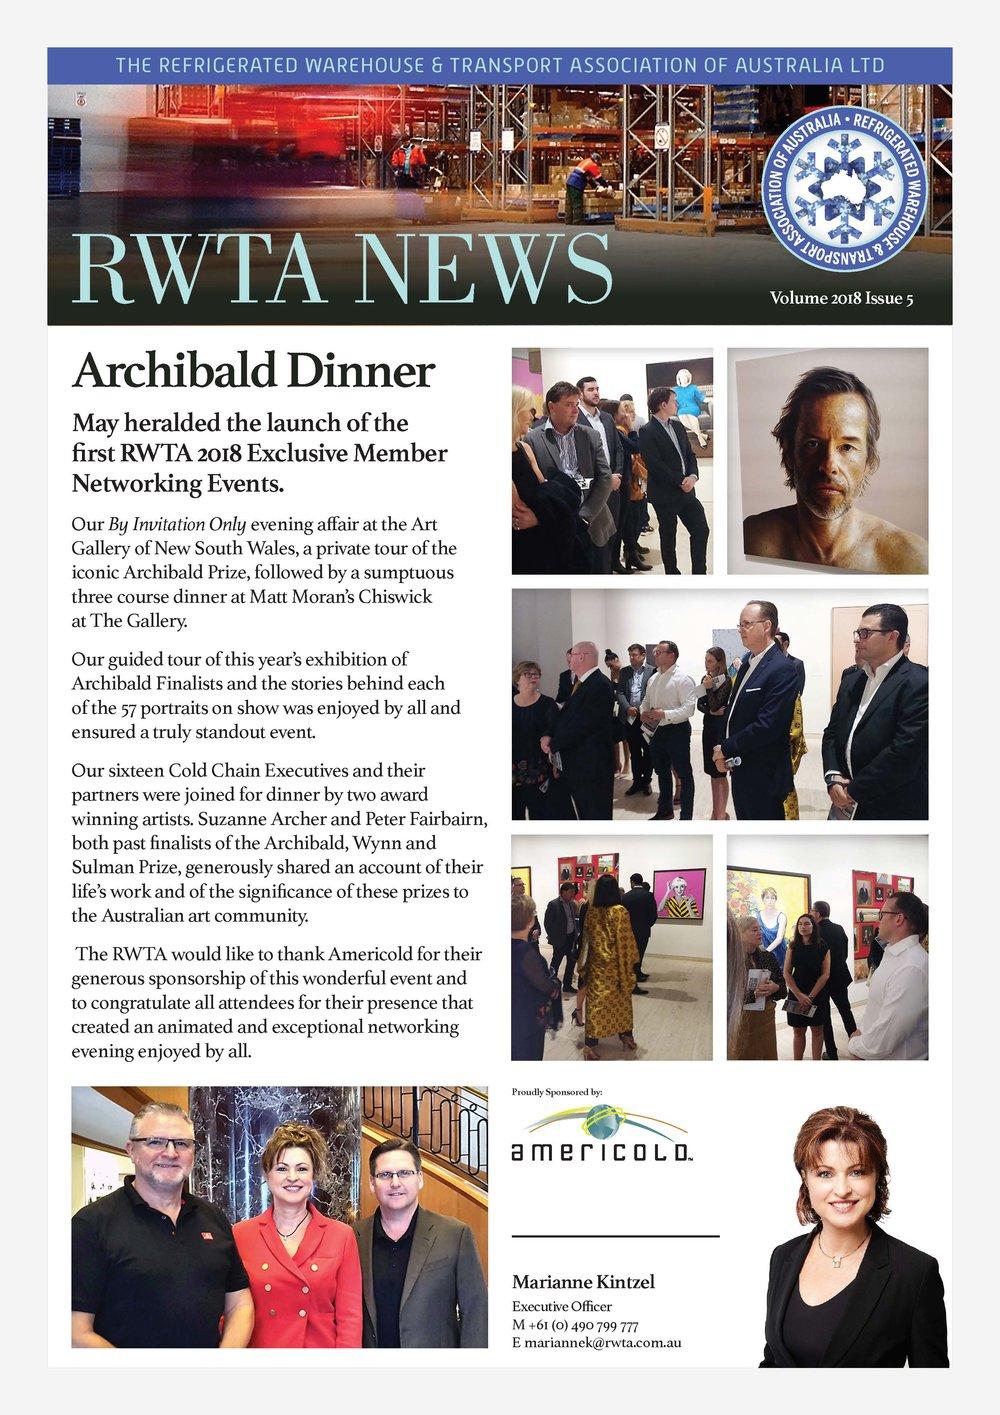 12187_RWTA_Achibald Dinner_V2.jpg